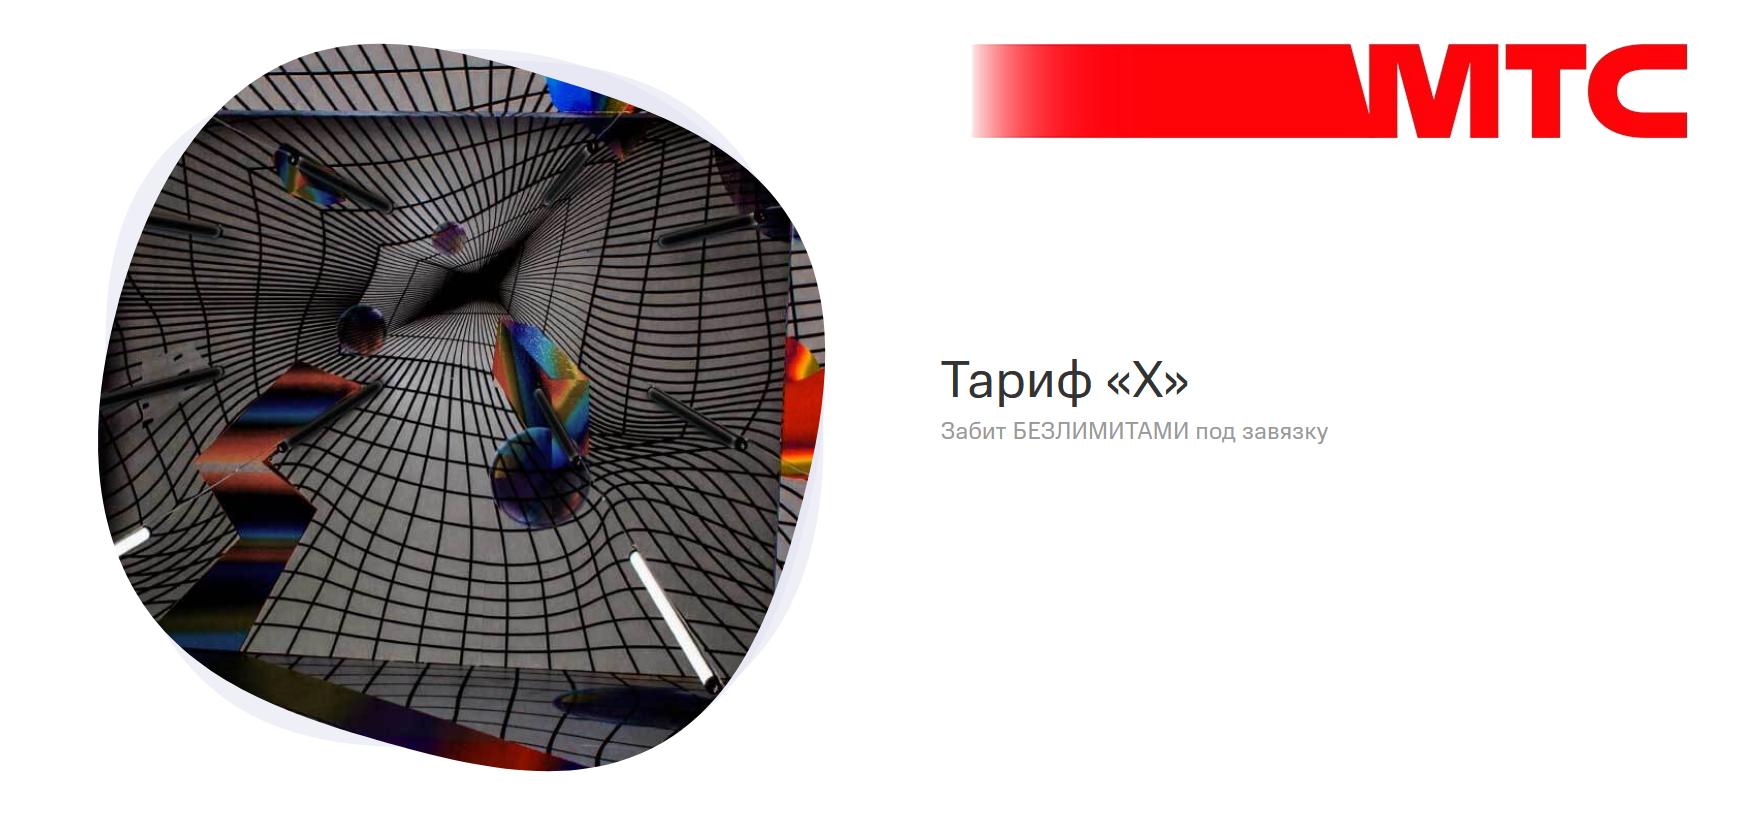 МТС обнулила трафик на Spotify на тарифе «X» 1